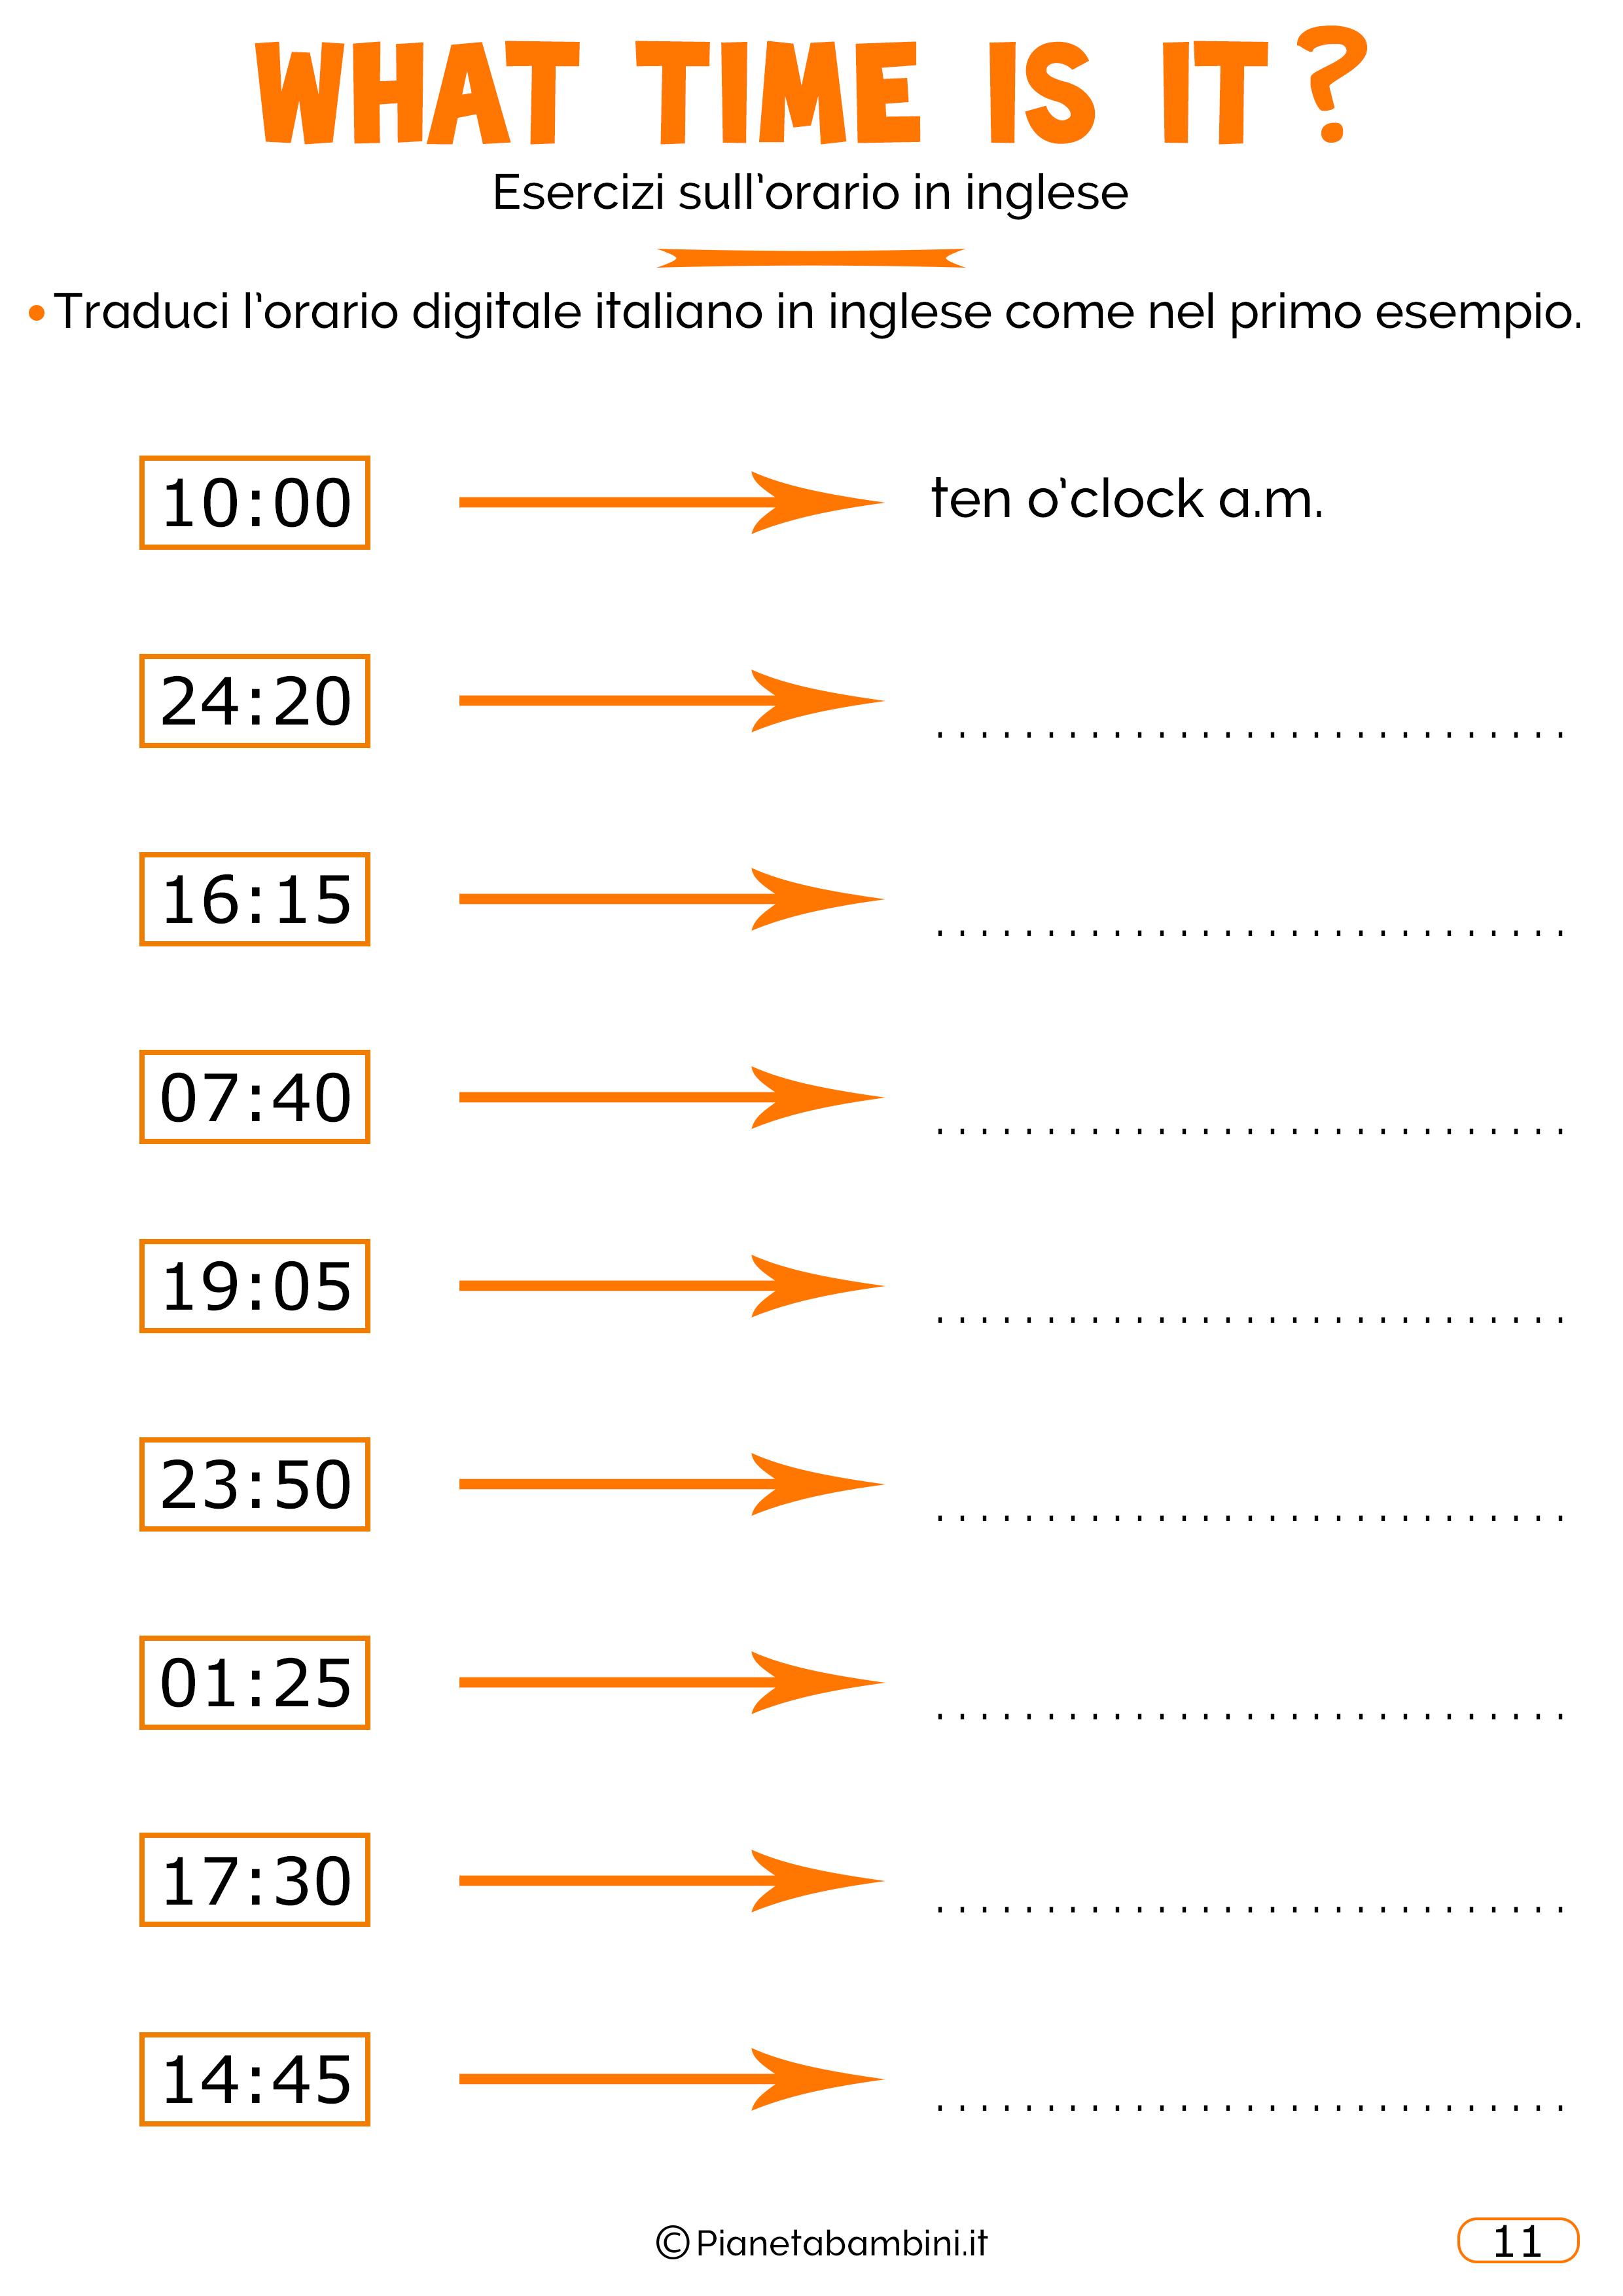 Scheda didattica sull'orario in inglese 11